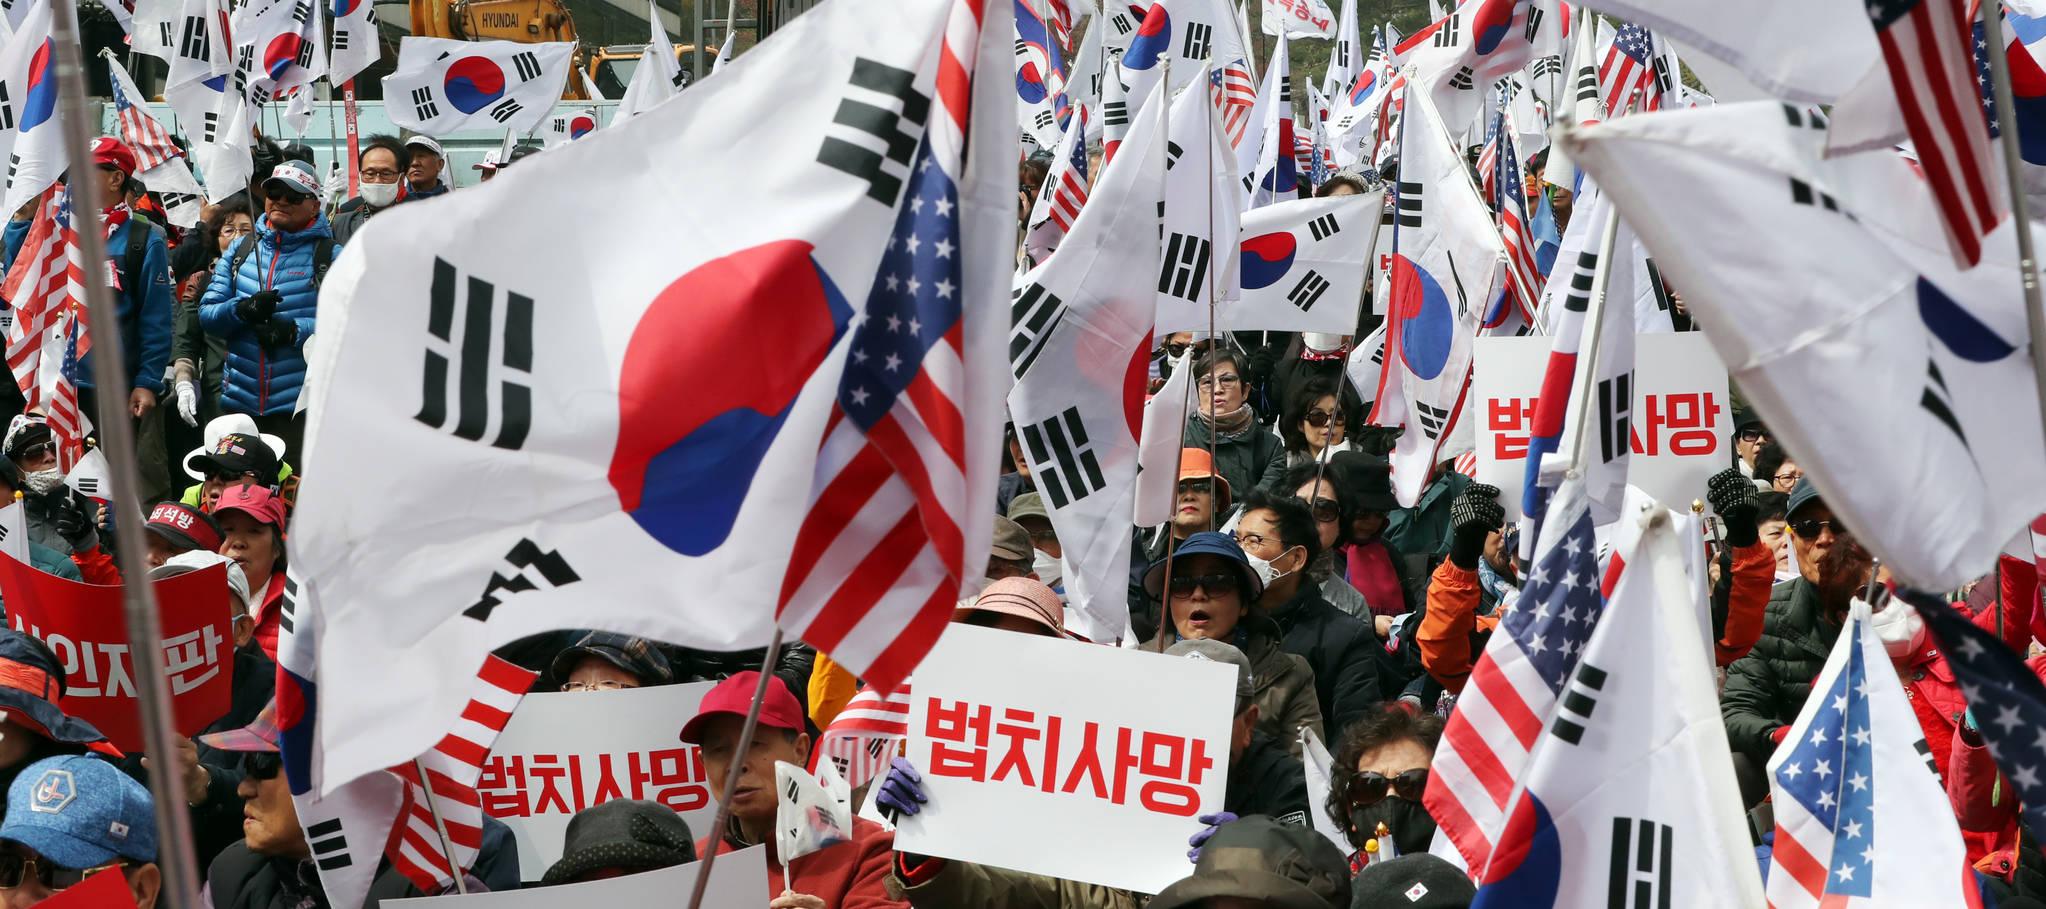 박근혜 전 대통령의 1심 선고 공판이 열린 6일 오후 서초구 서울중앙지법 앞에서 박 전 대통령 지지자들이 석방을 요구하는 집회를 하고 있다. 김경록 기자